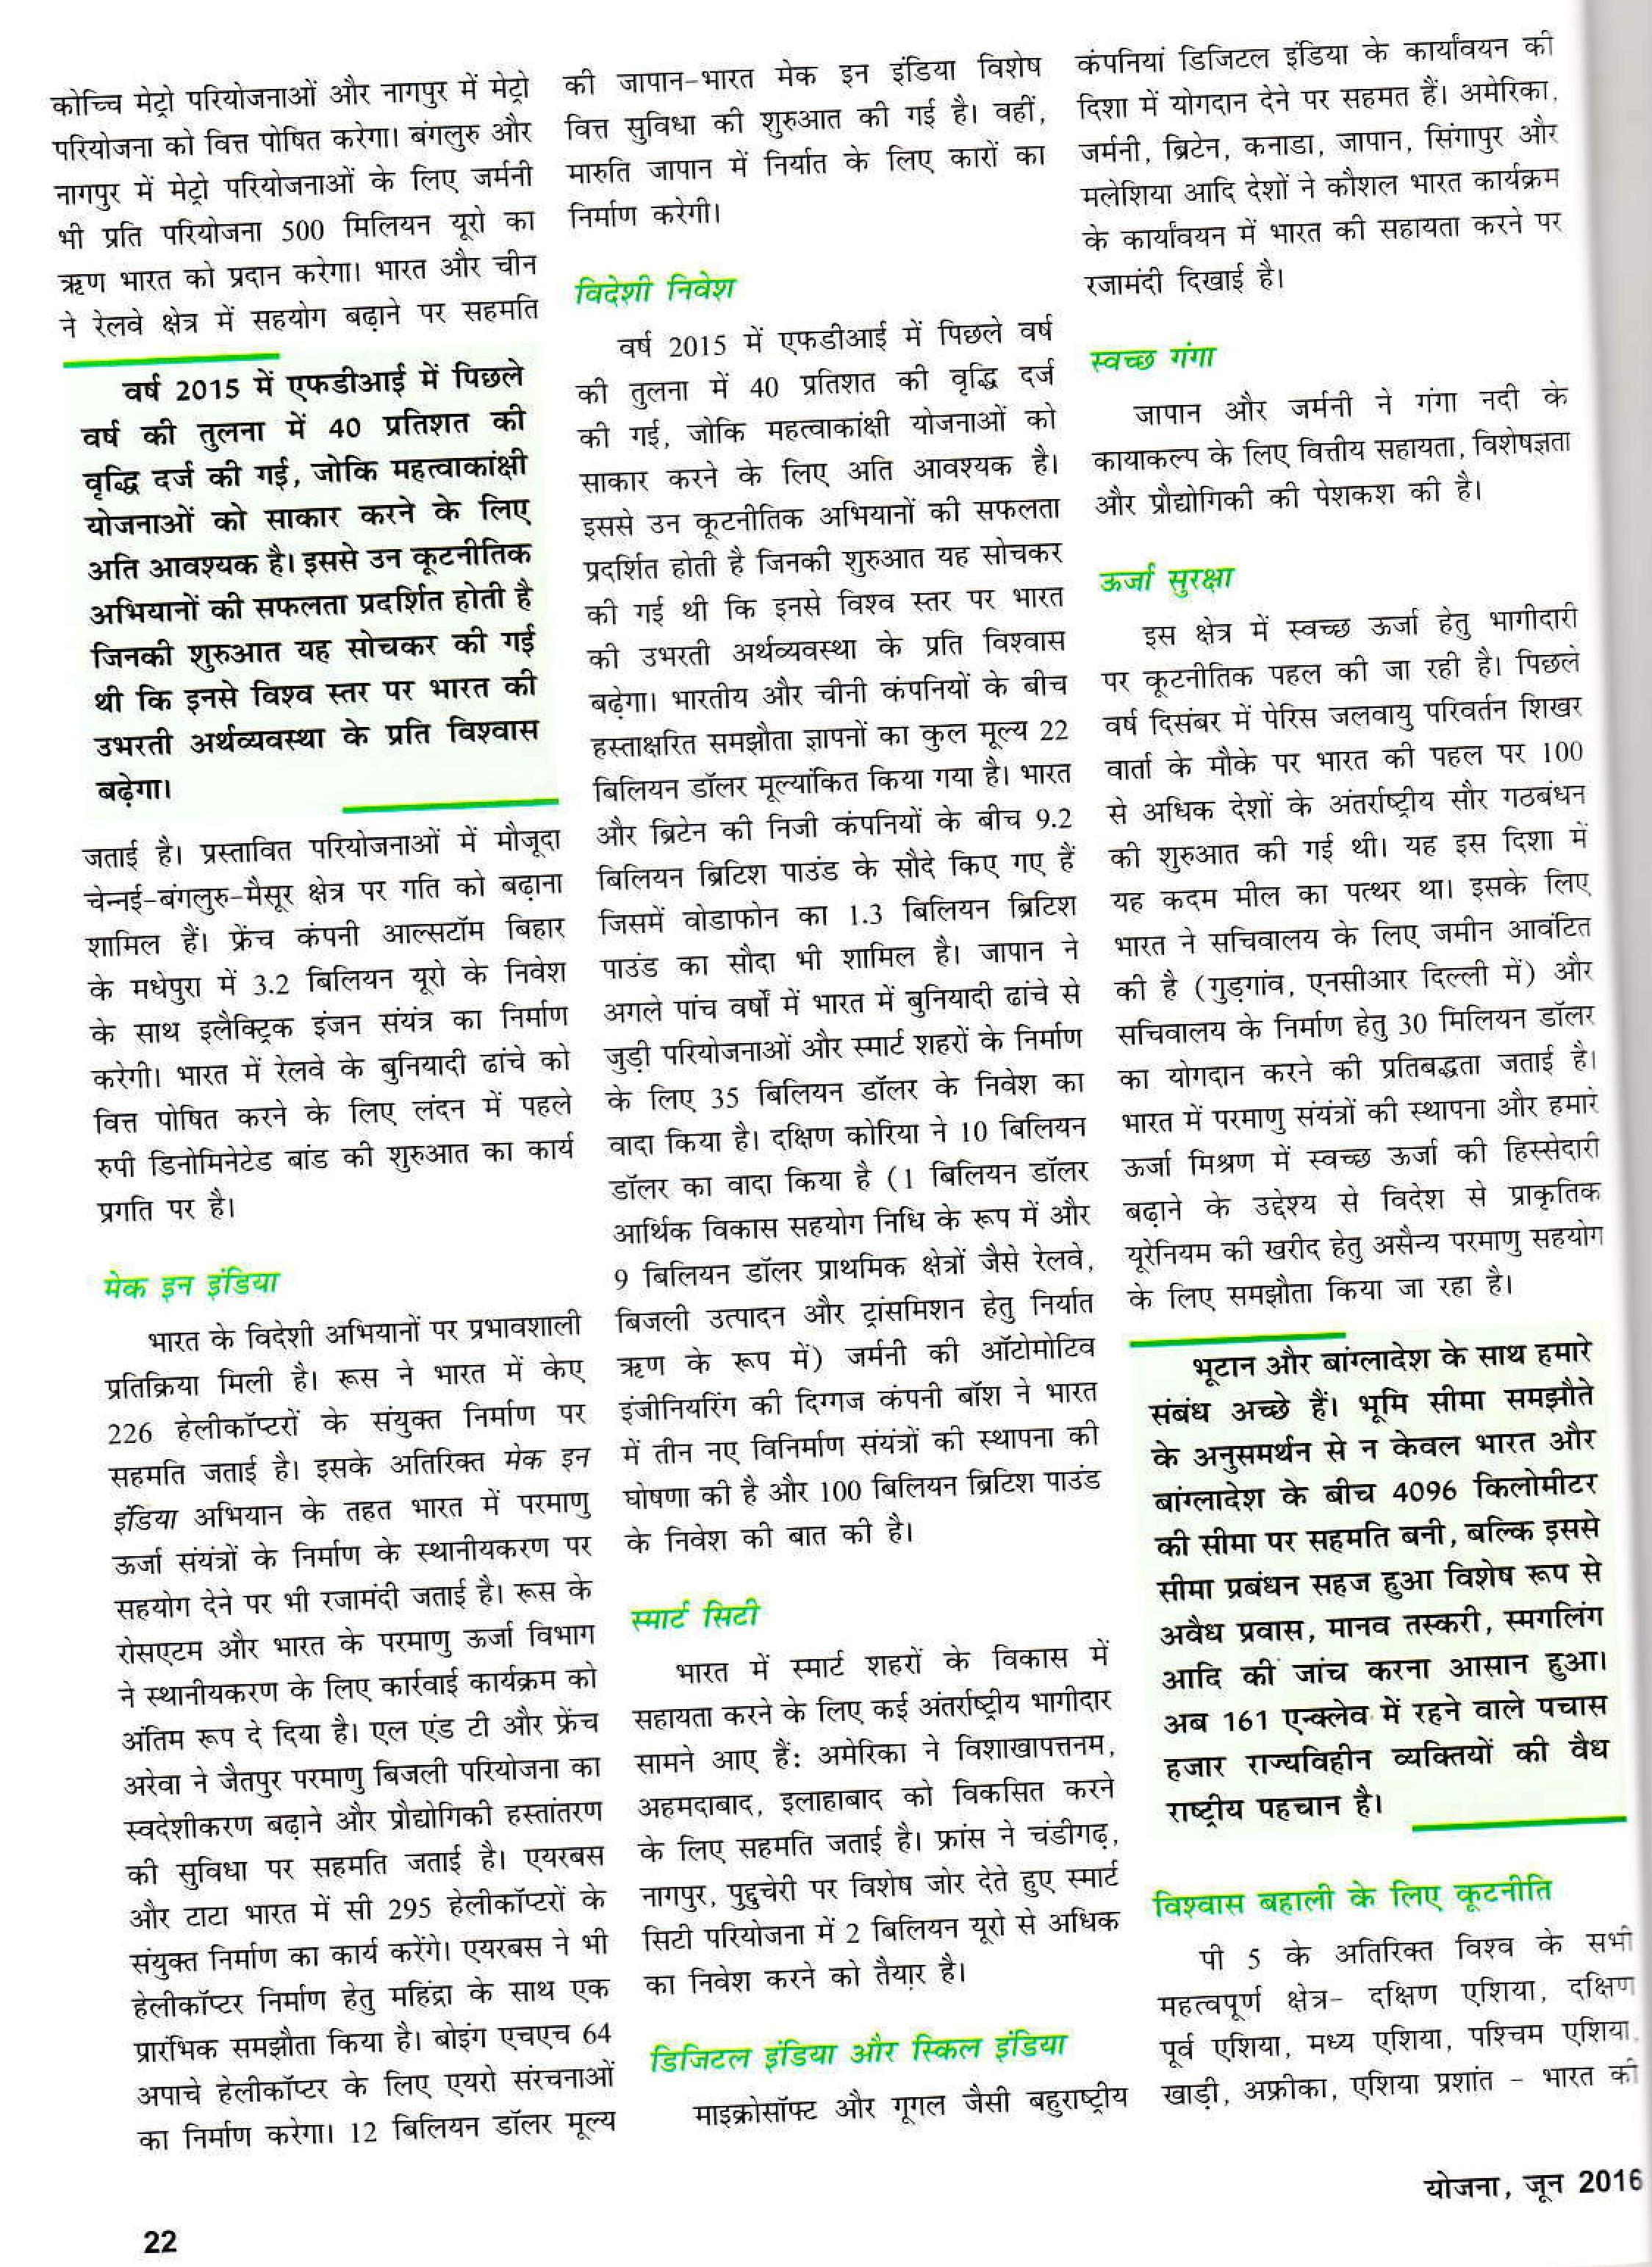 yojana hindi-page-002